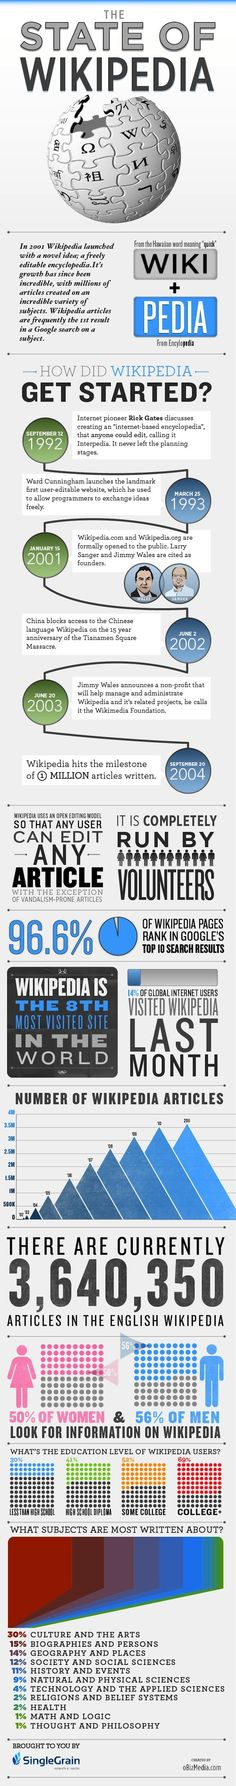 Historia y estado de la Wikipedia #infografia #infographic #socialmedia